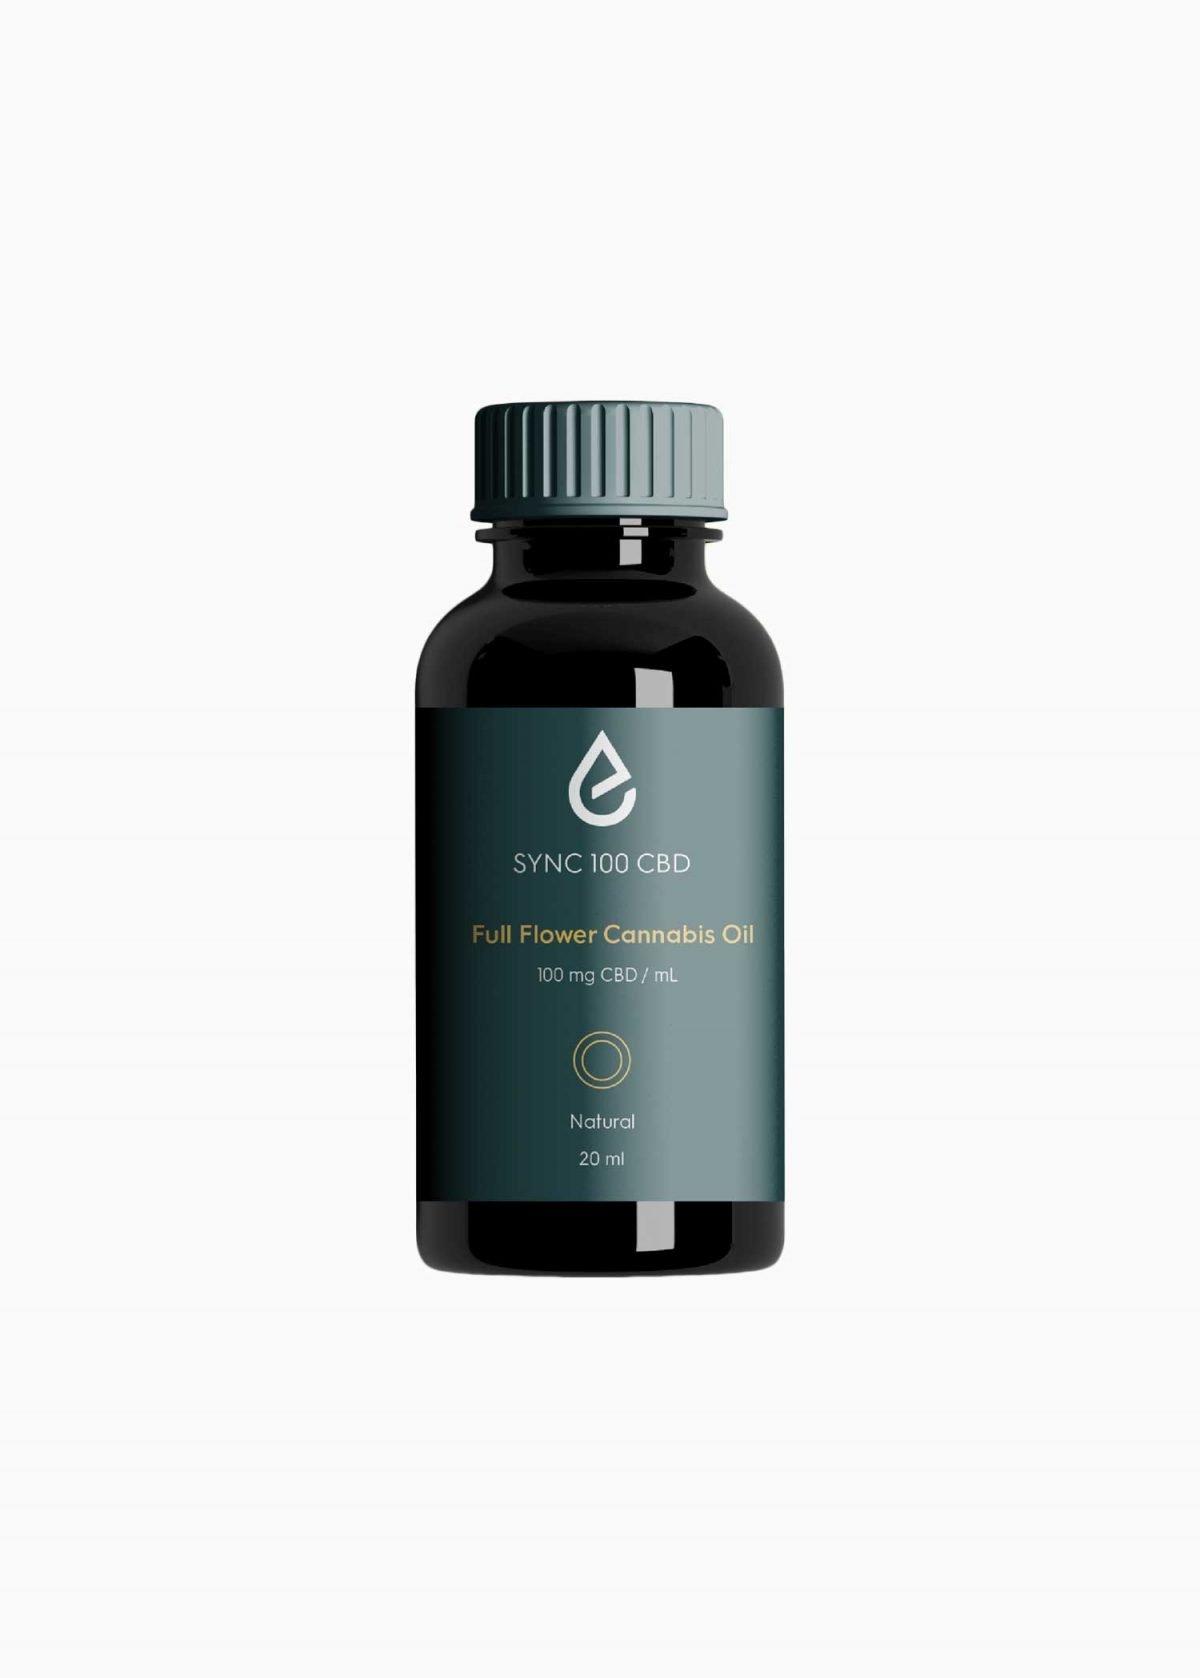 Emerald Sync 100 CBD Oil